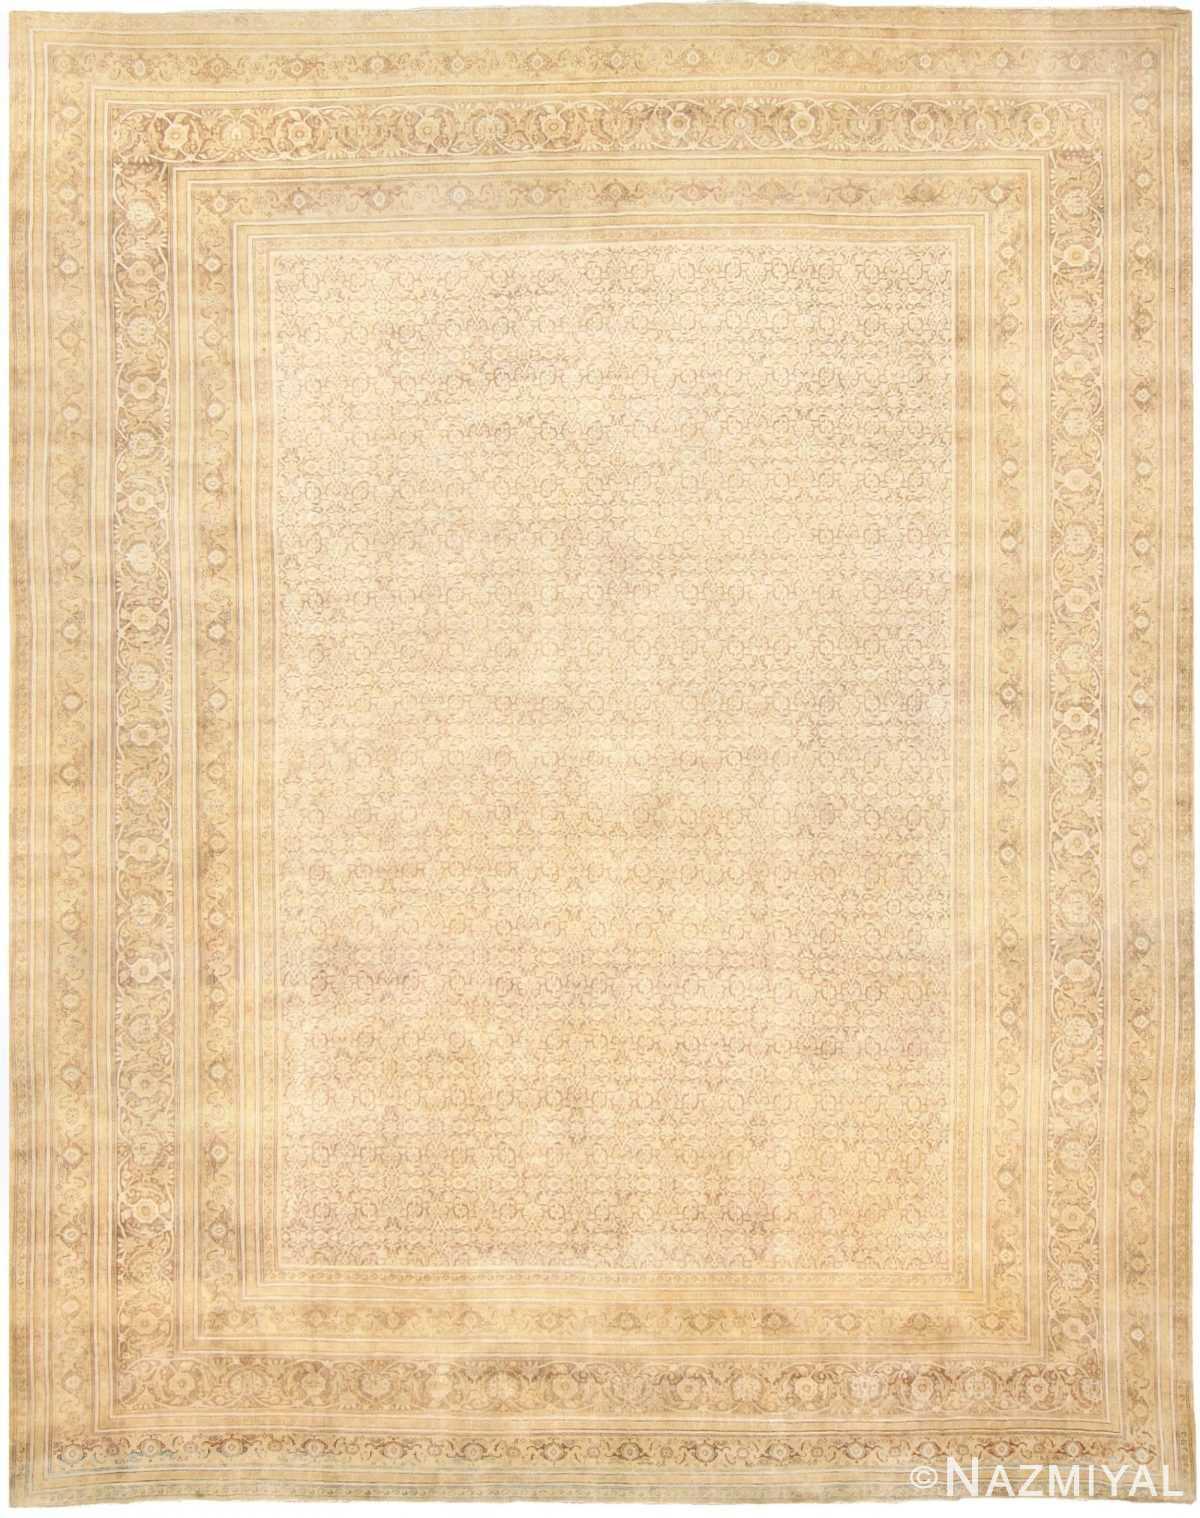 Large Antique Persian Tabriz Carpet 48211 Nazmiyal